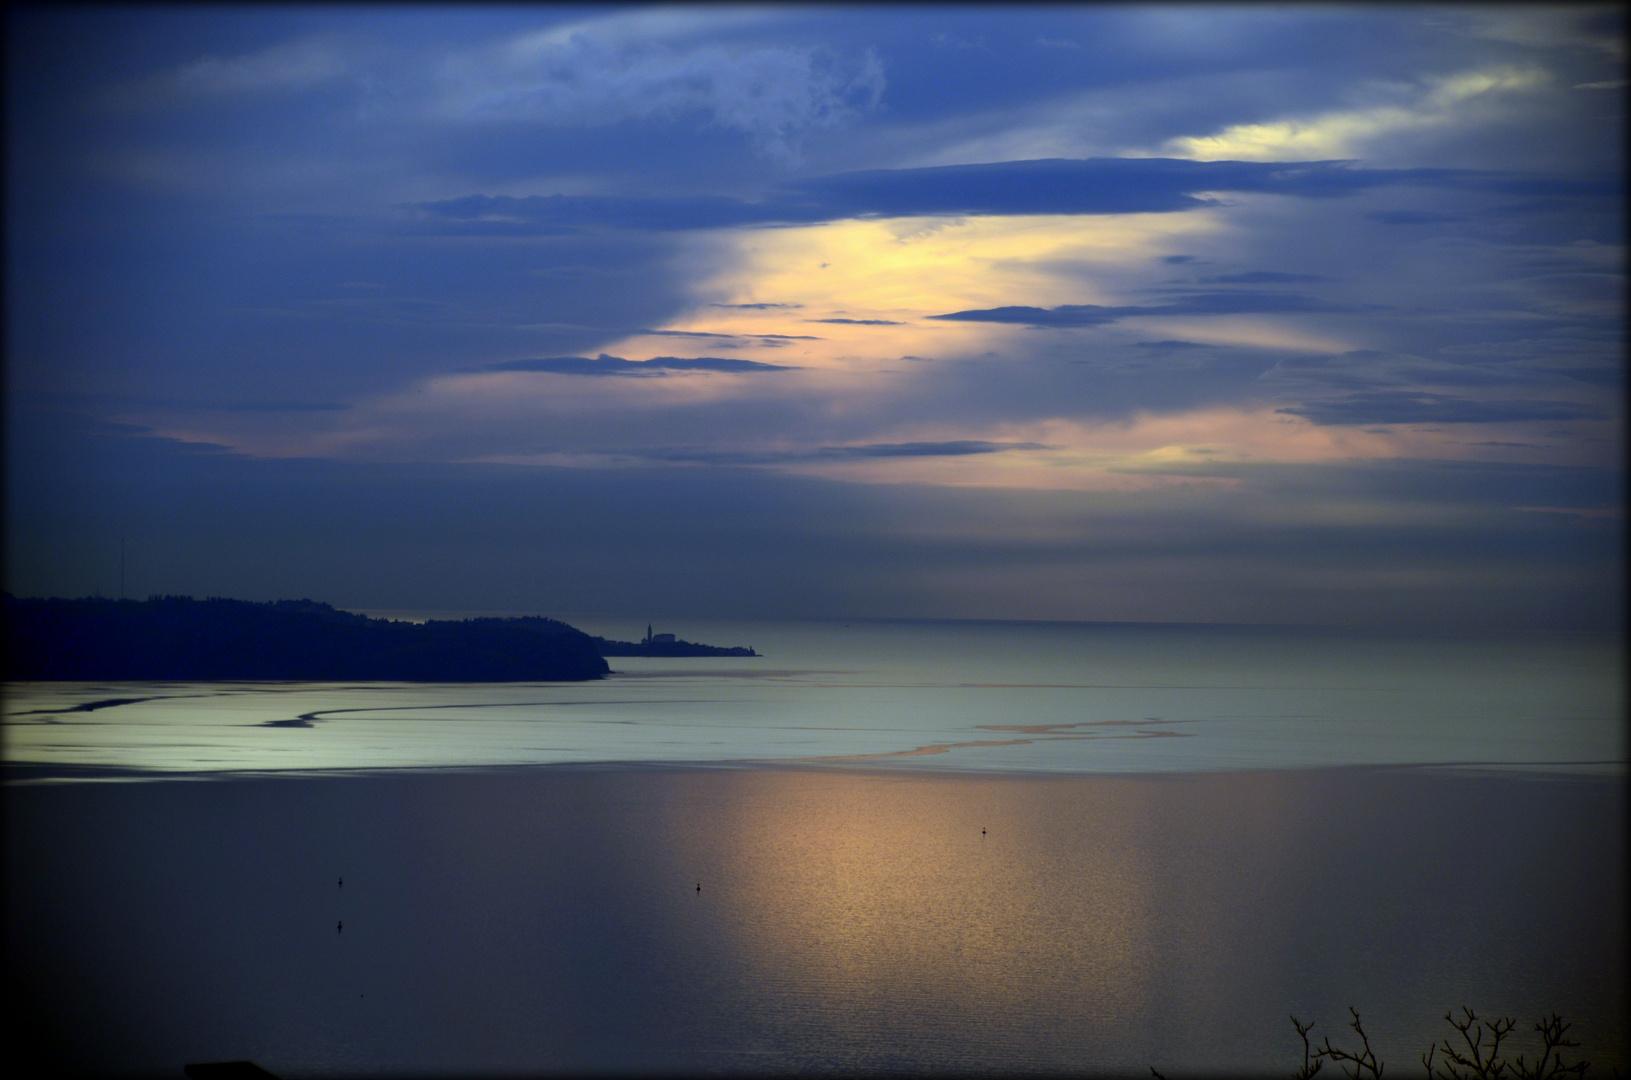 Lago ghiacciato..oppure? Golfo di Trieste al tramonto!